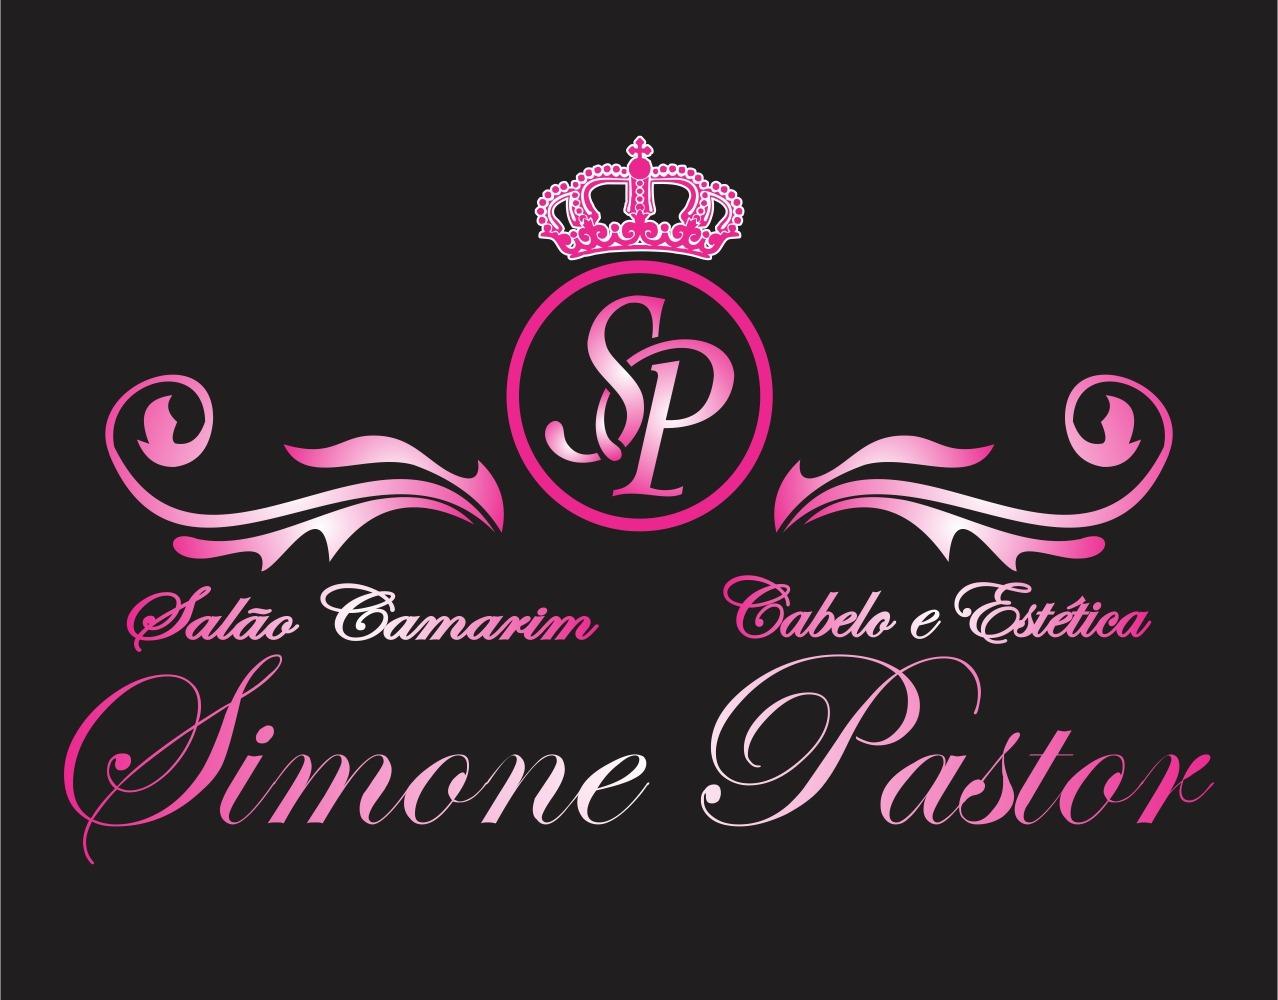 Salão Camarim Simone Pastor